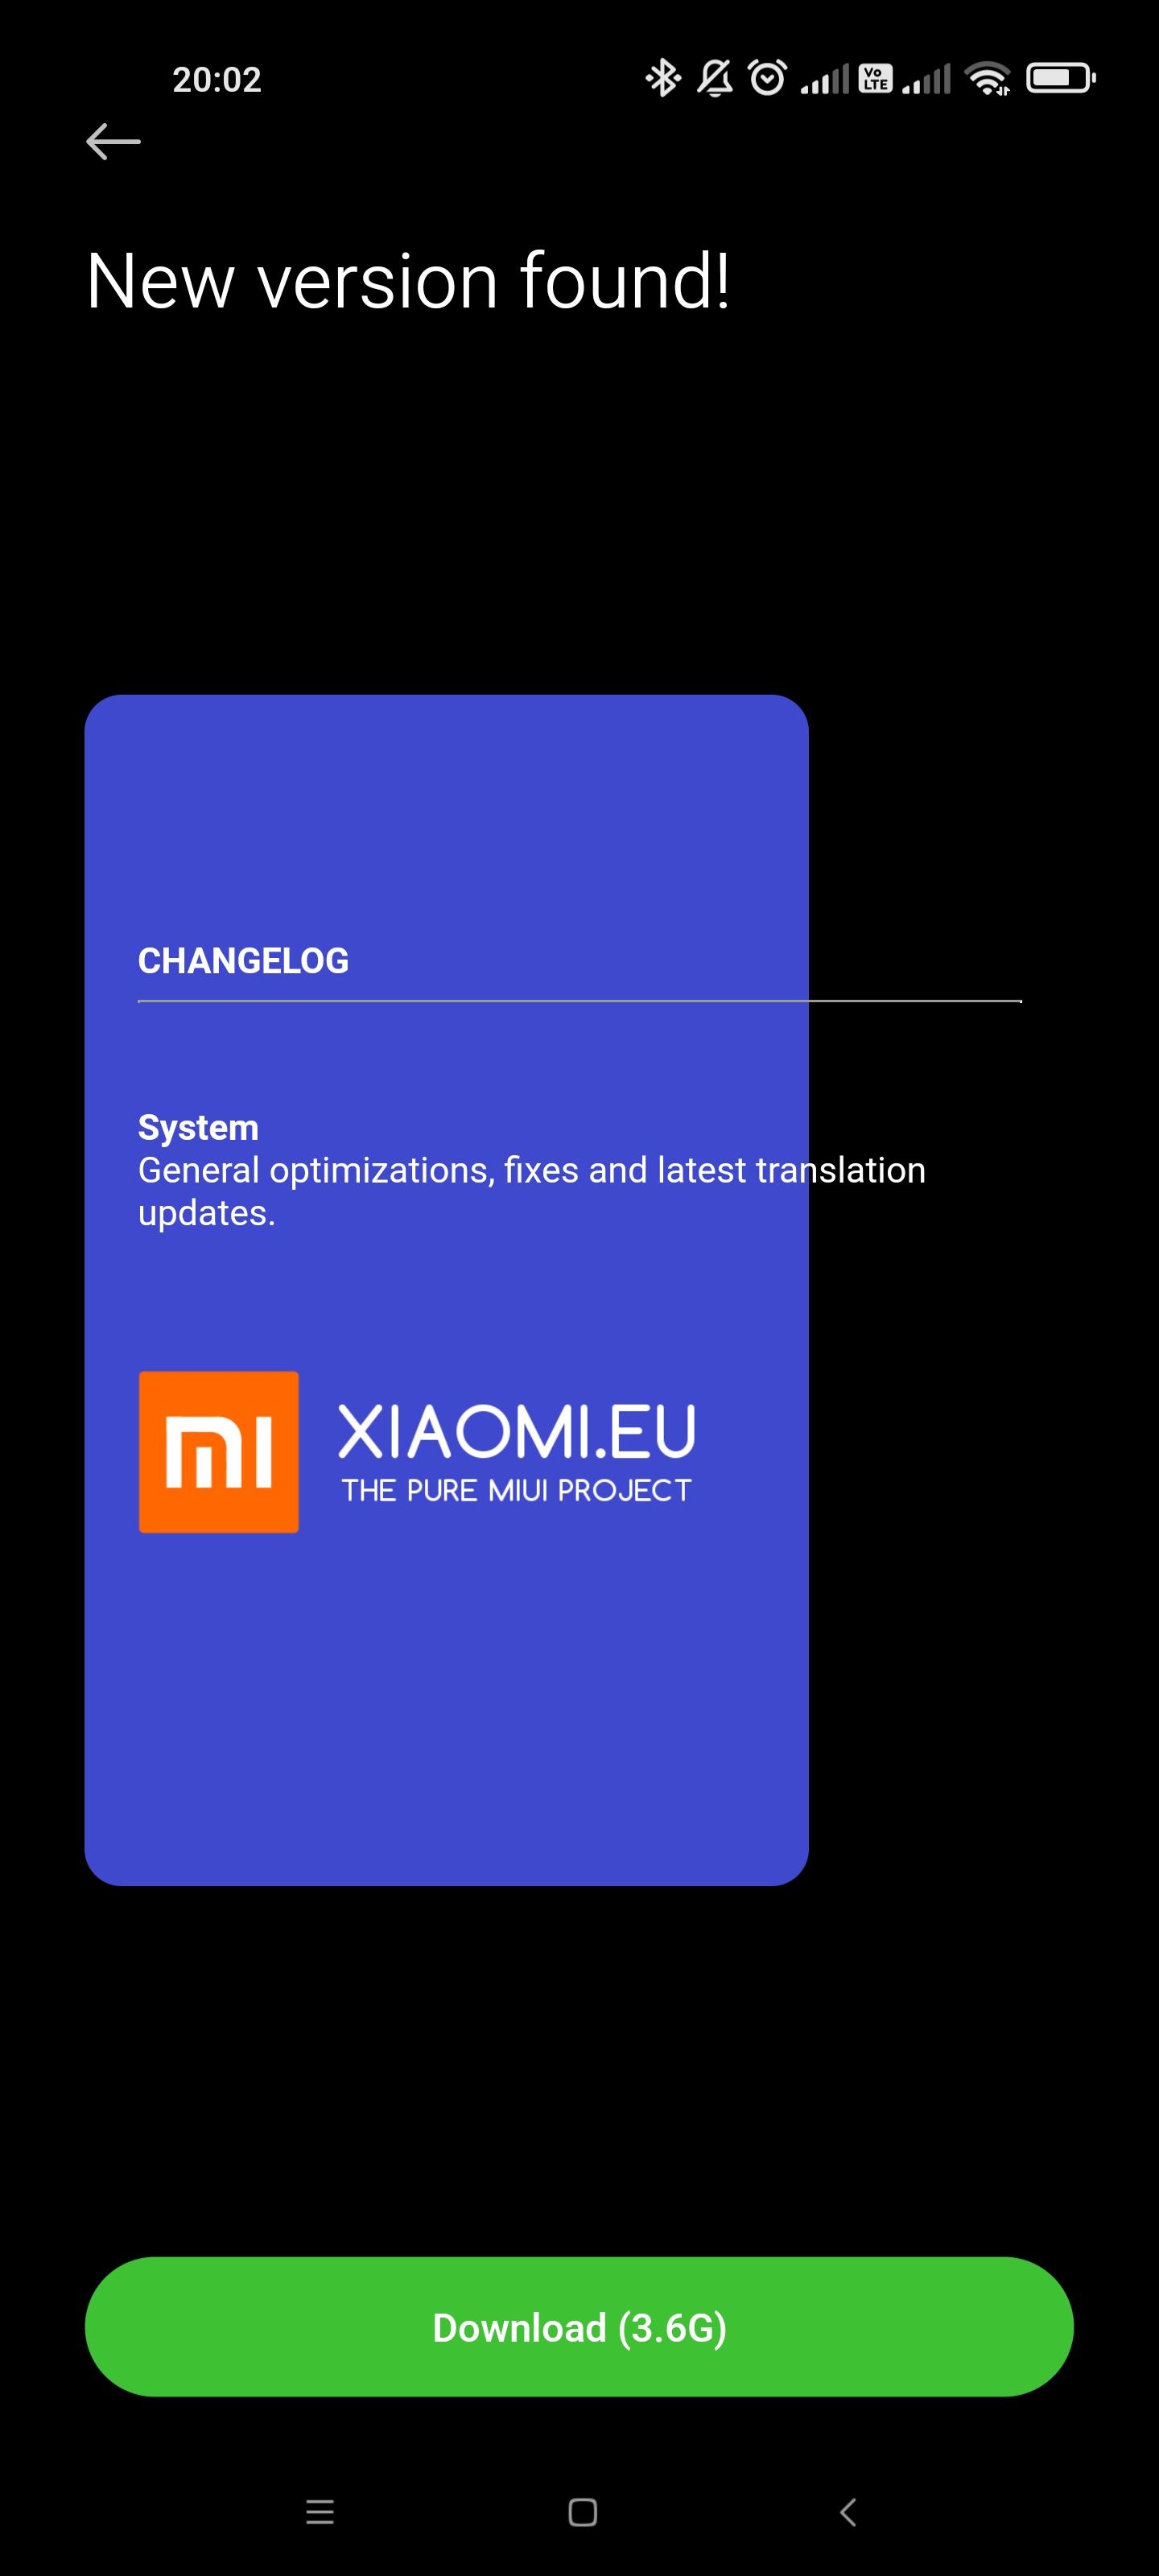 Screenshot_2021-04-20-20-02-59-594_com.android.updater.jpg